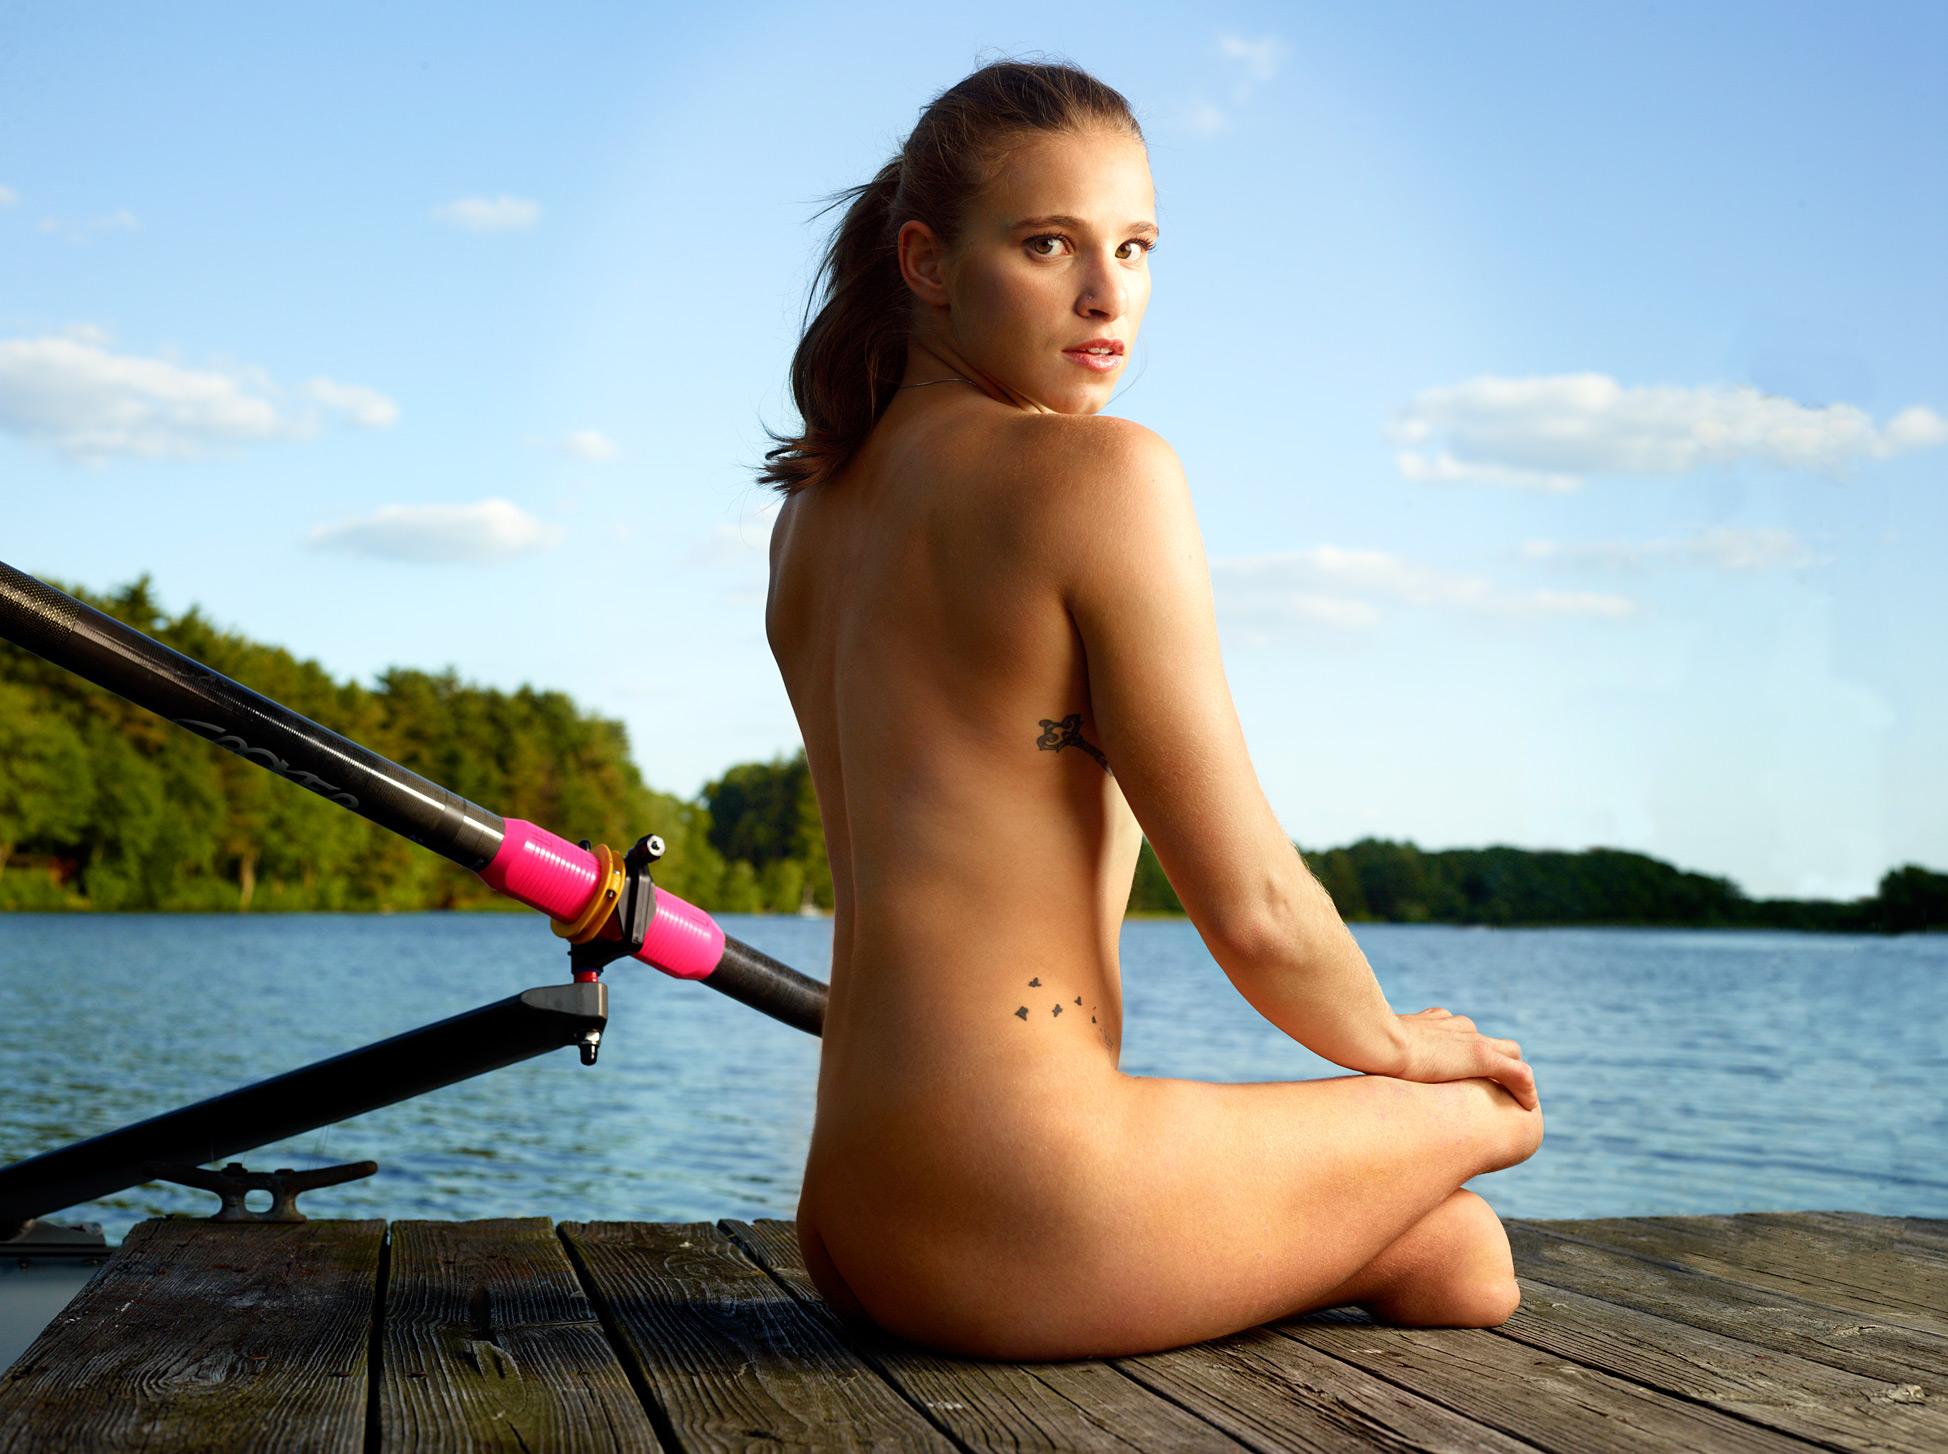 Смотреть как заниматься сексом инвалидам колясочникам 23 фотография